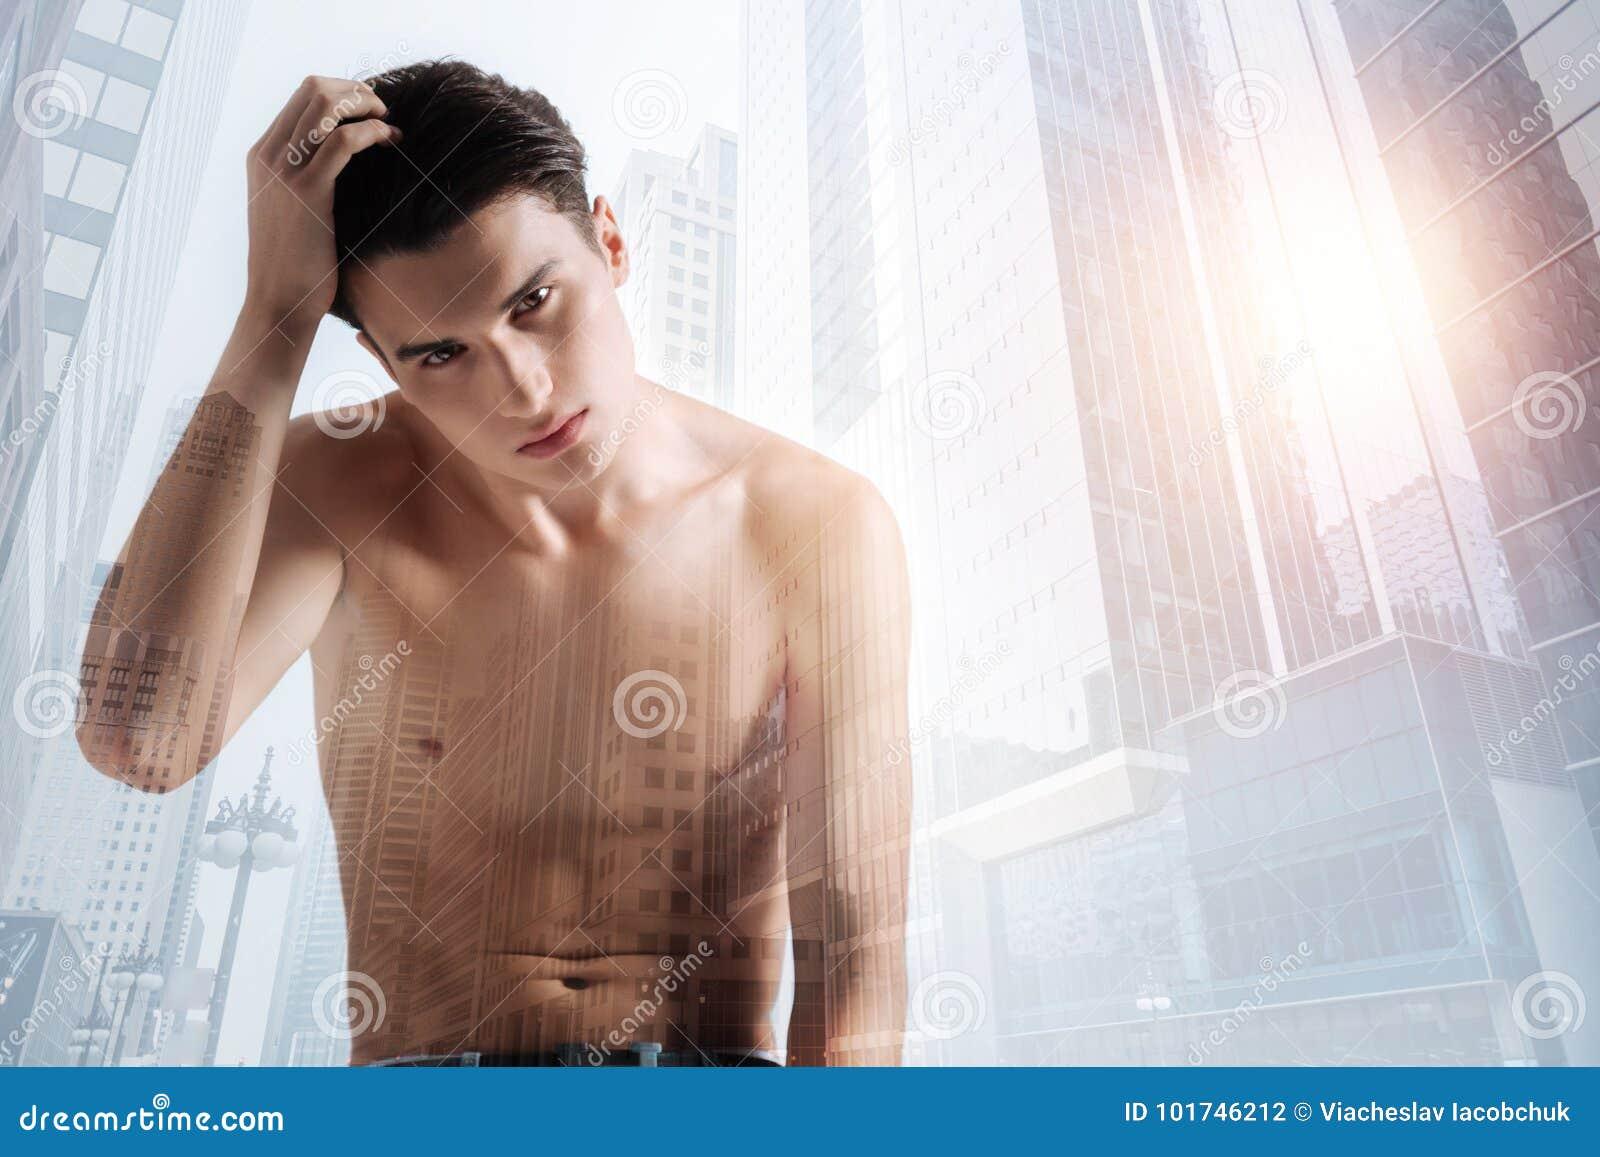 nu adolescent photos gay ange porno